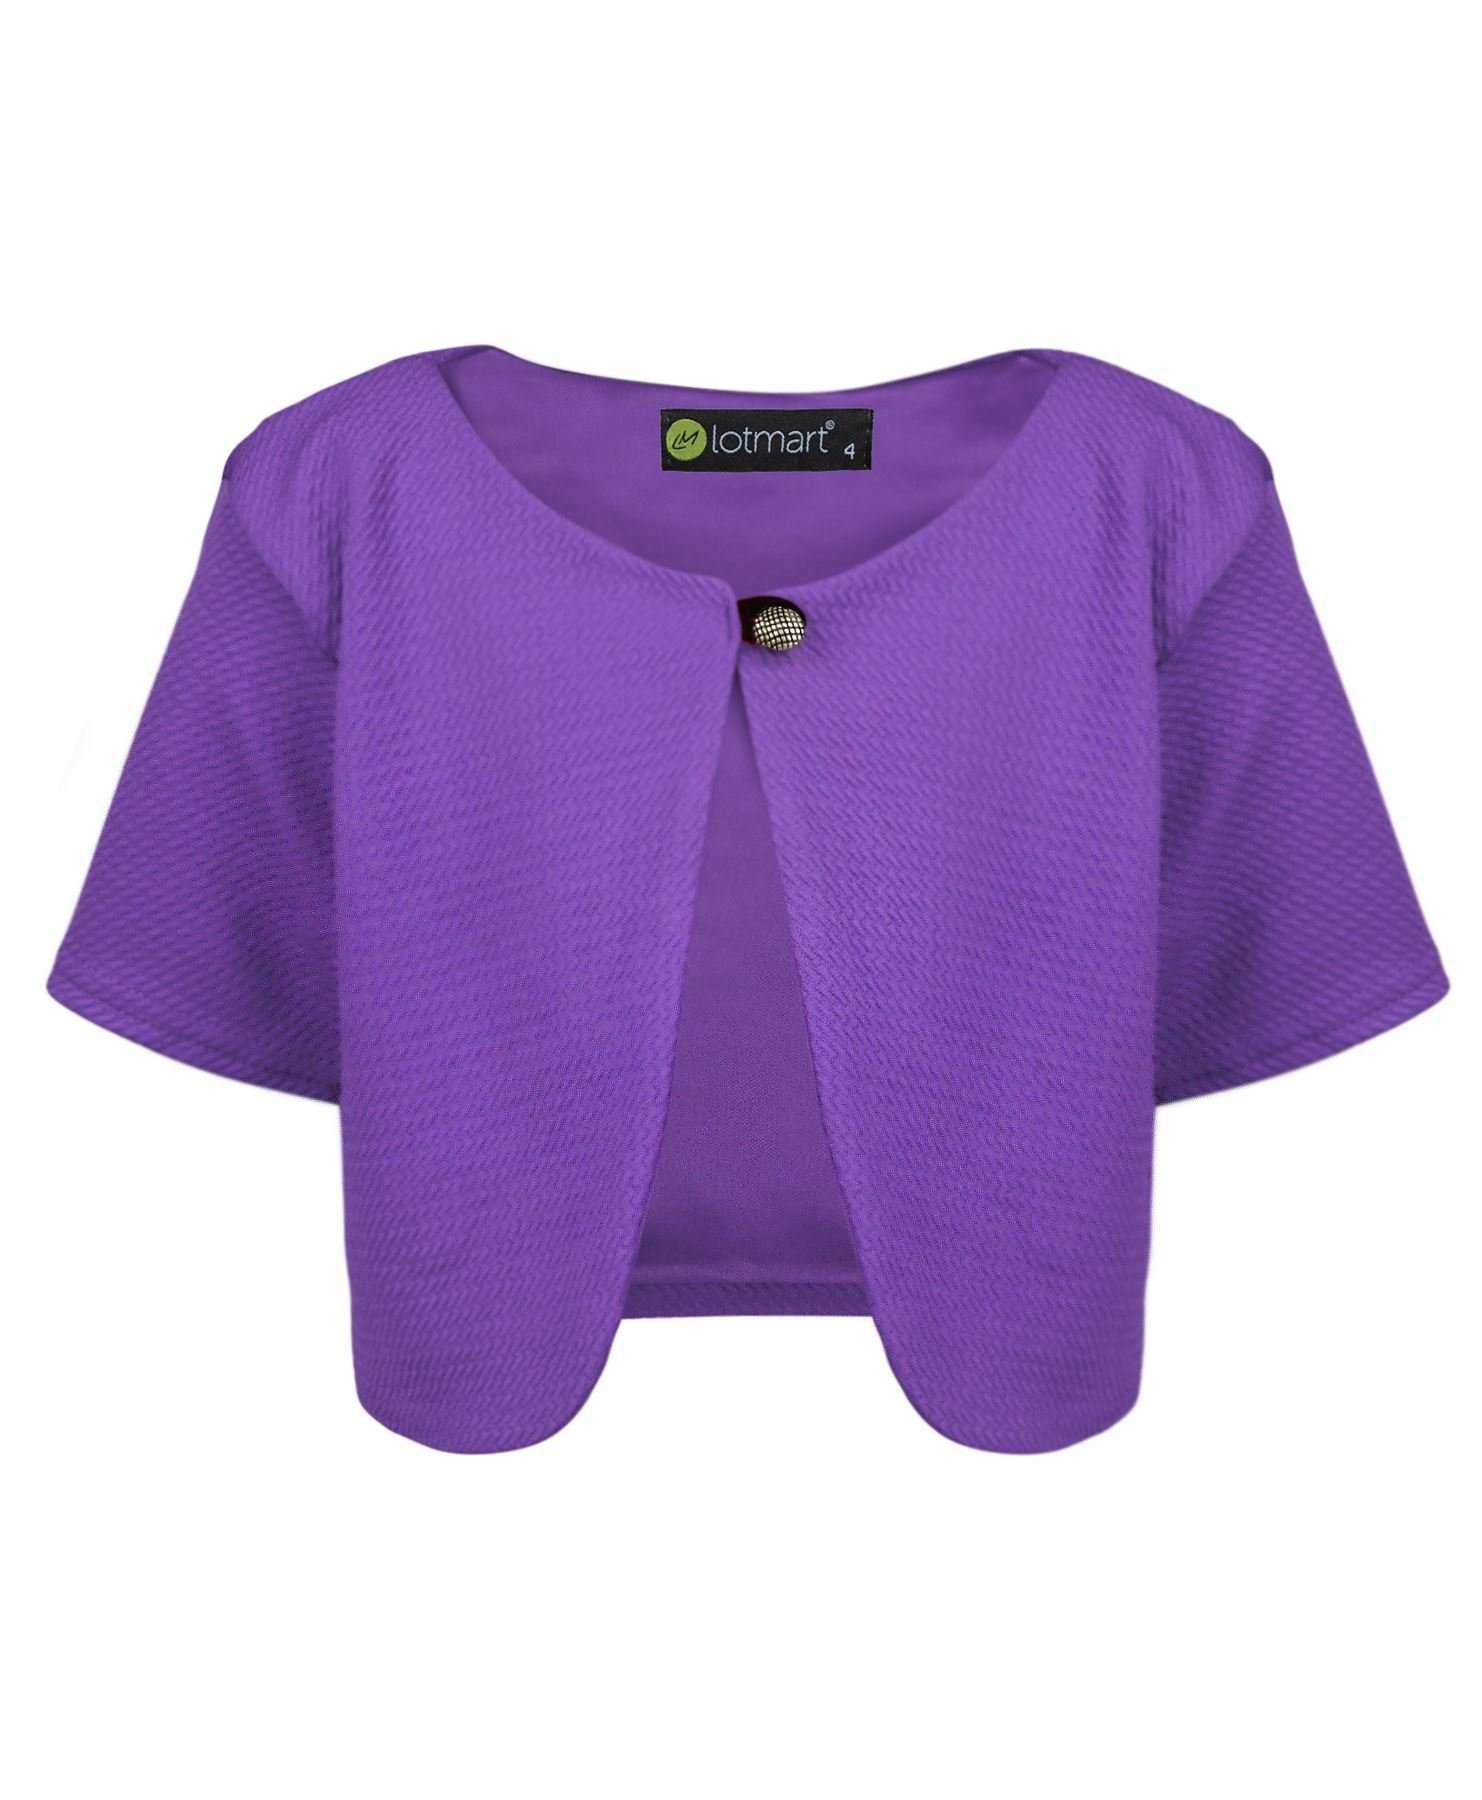 LotMart 3760 Purple 5-6 Y Girls Cropped Bolero & Free Gift Pen per Parcel